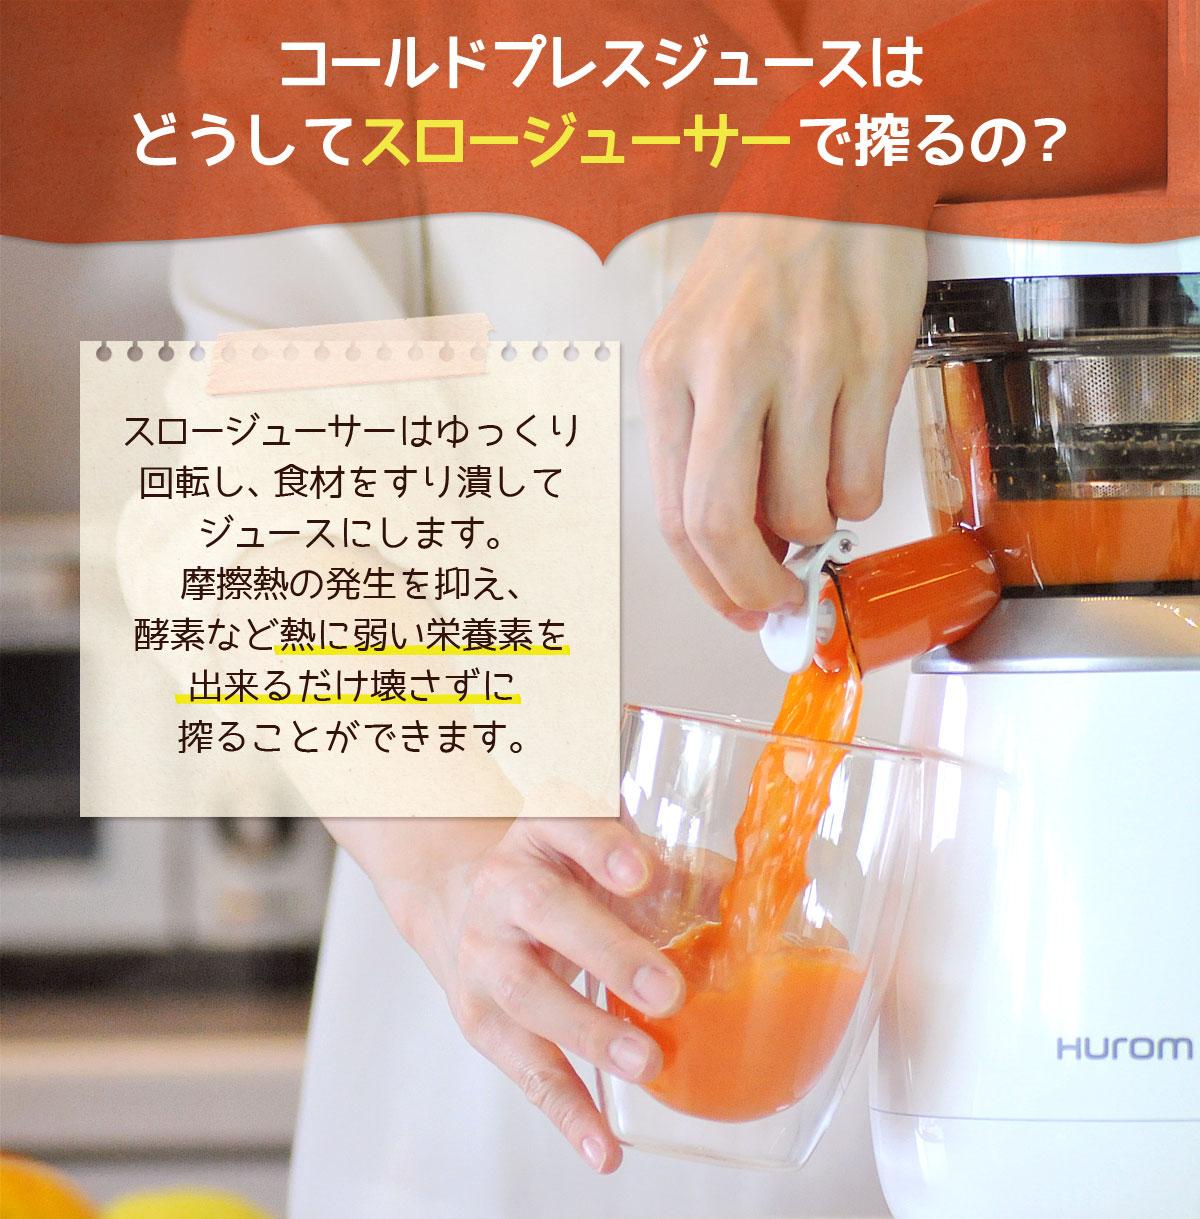 スロージューサーはゆっくり回転し、食材をすり潰してジュースにします。摩擦熱の発生を抑え、酵素など熱に弱い栄養素を出来るだけ壊さずに搾ることができます。